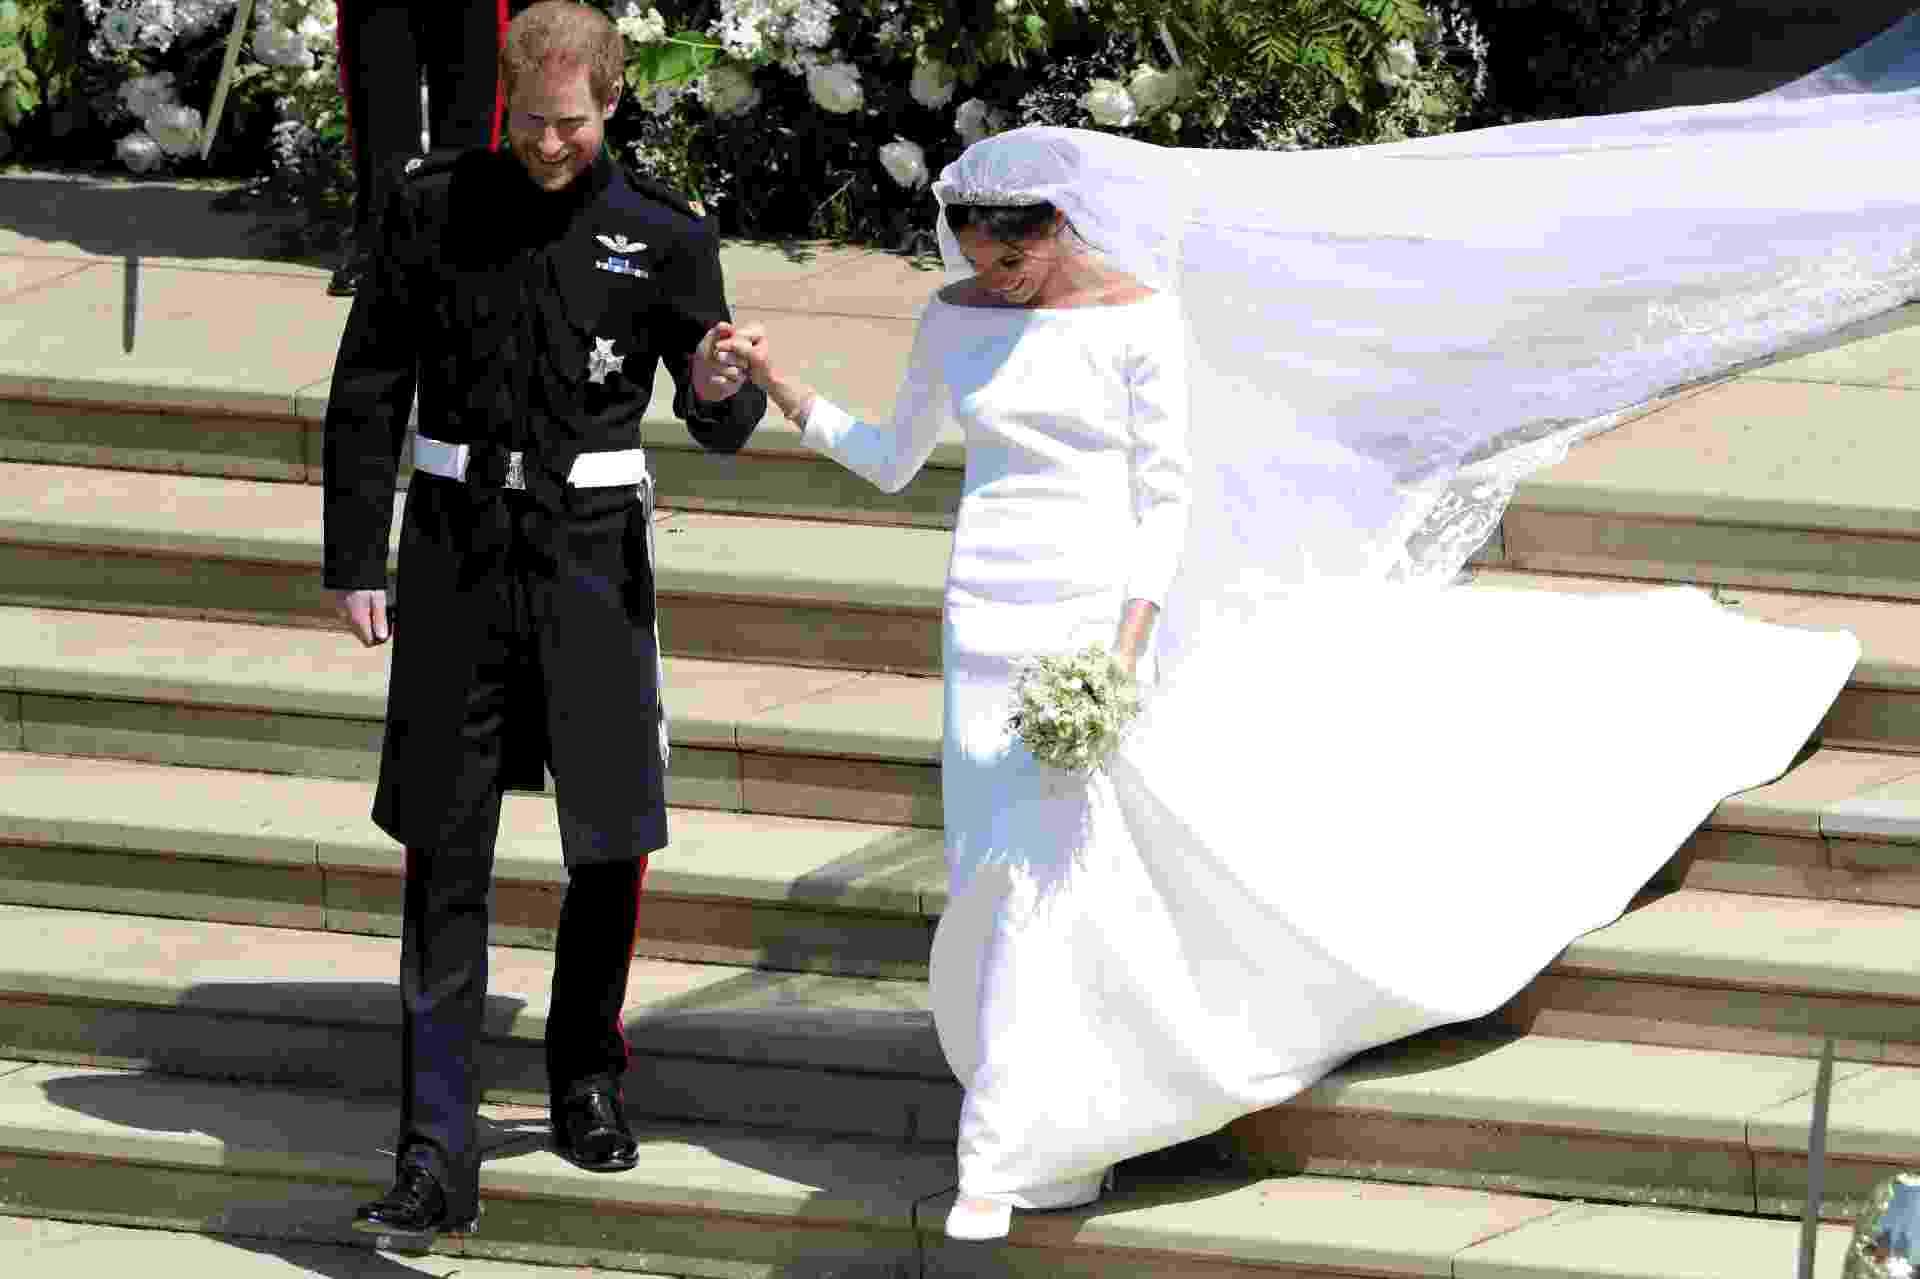 Harry e Meghan saem da igreja - Andrew Matthews/Reuters